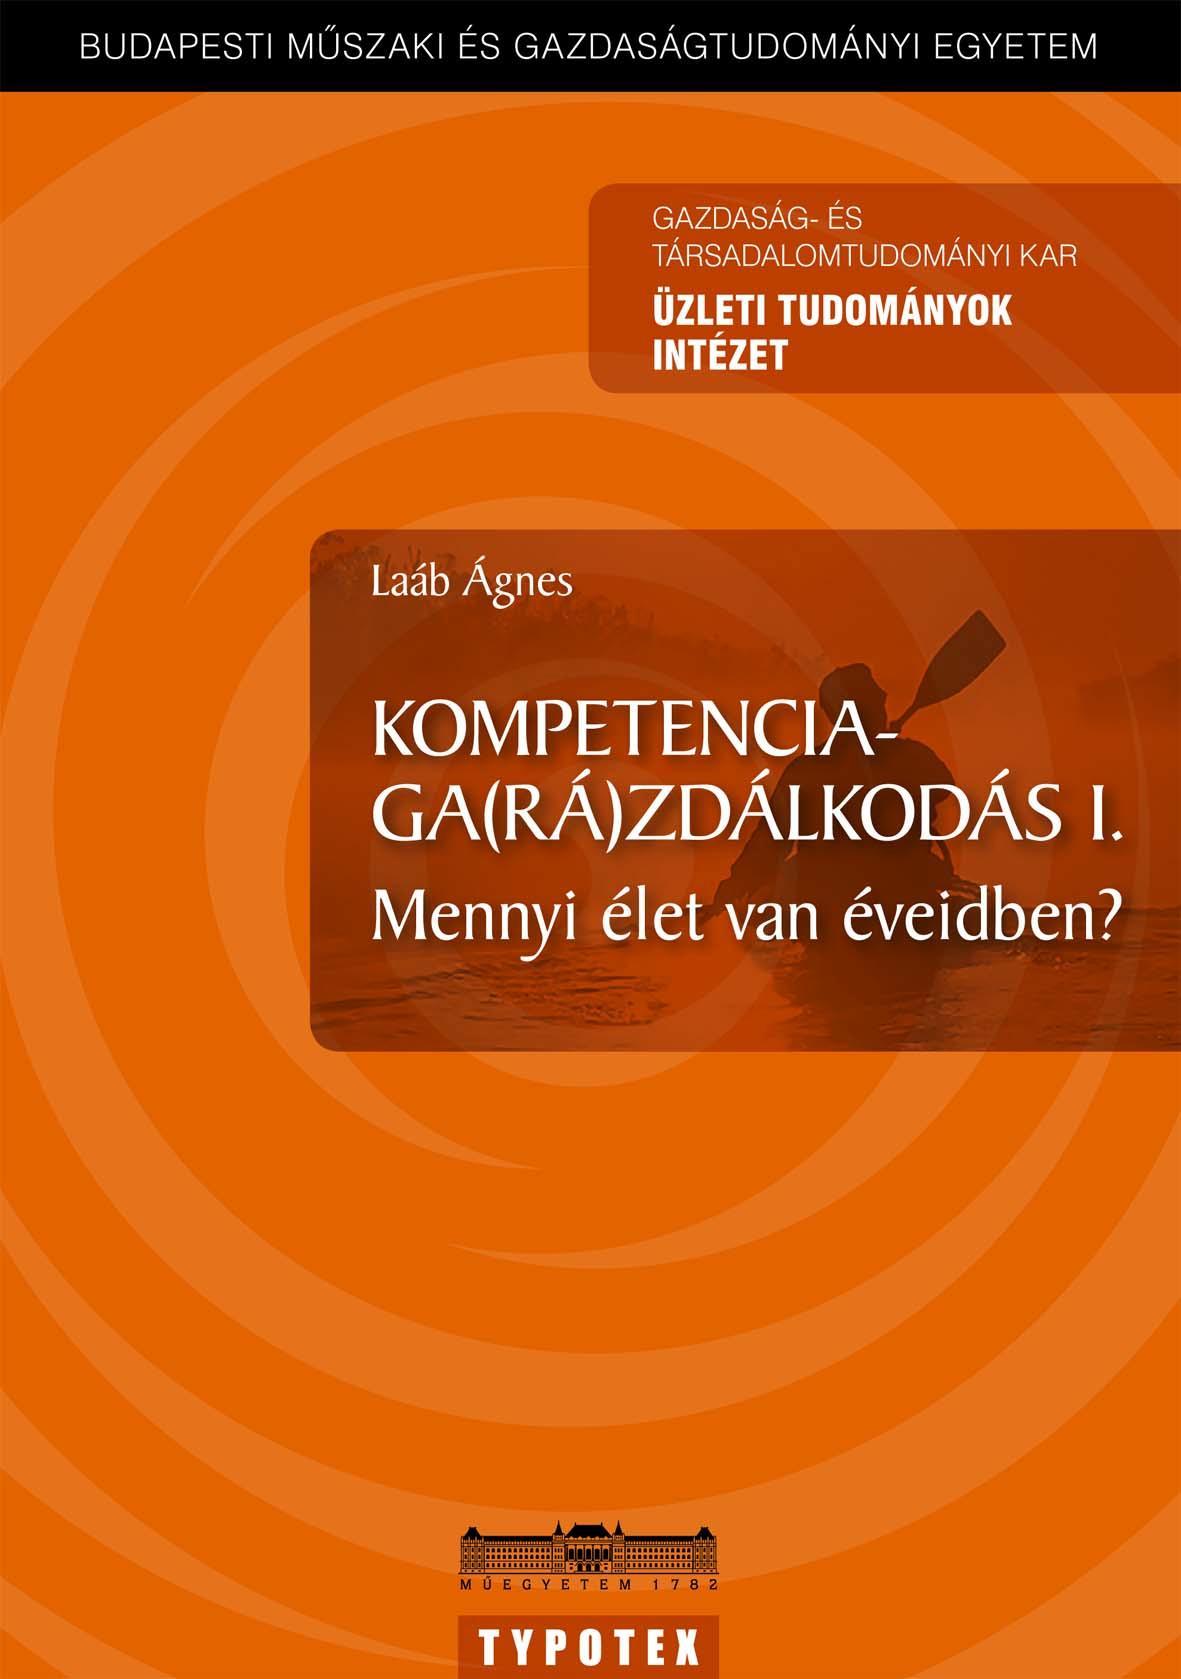 KOMPETENCIAGA(RÁ)ZDÁLKODÁS I. - MENNYI ÉLET VAN ÉVEIDBEN?